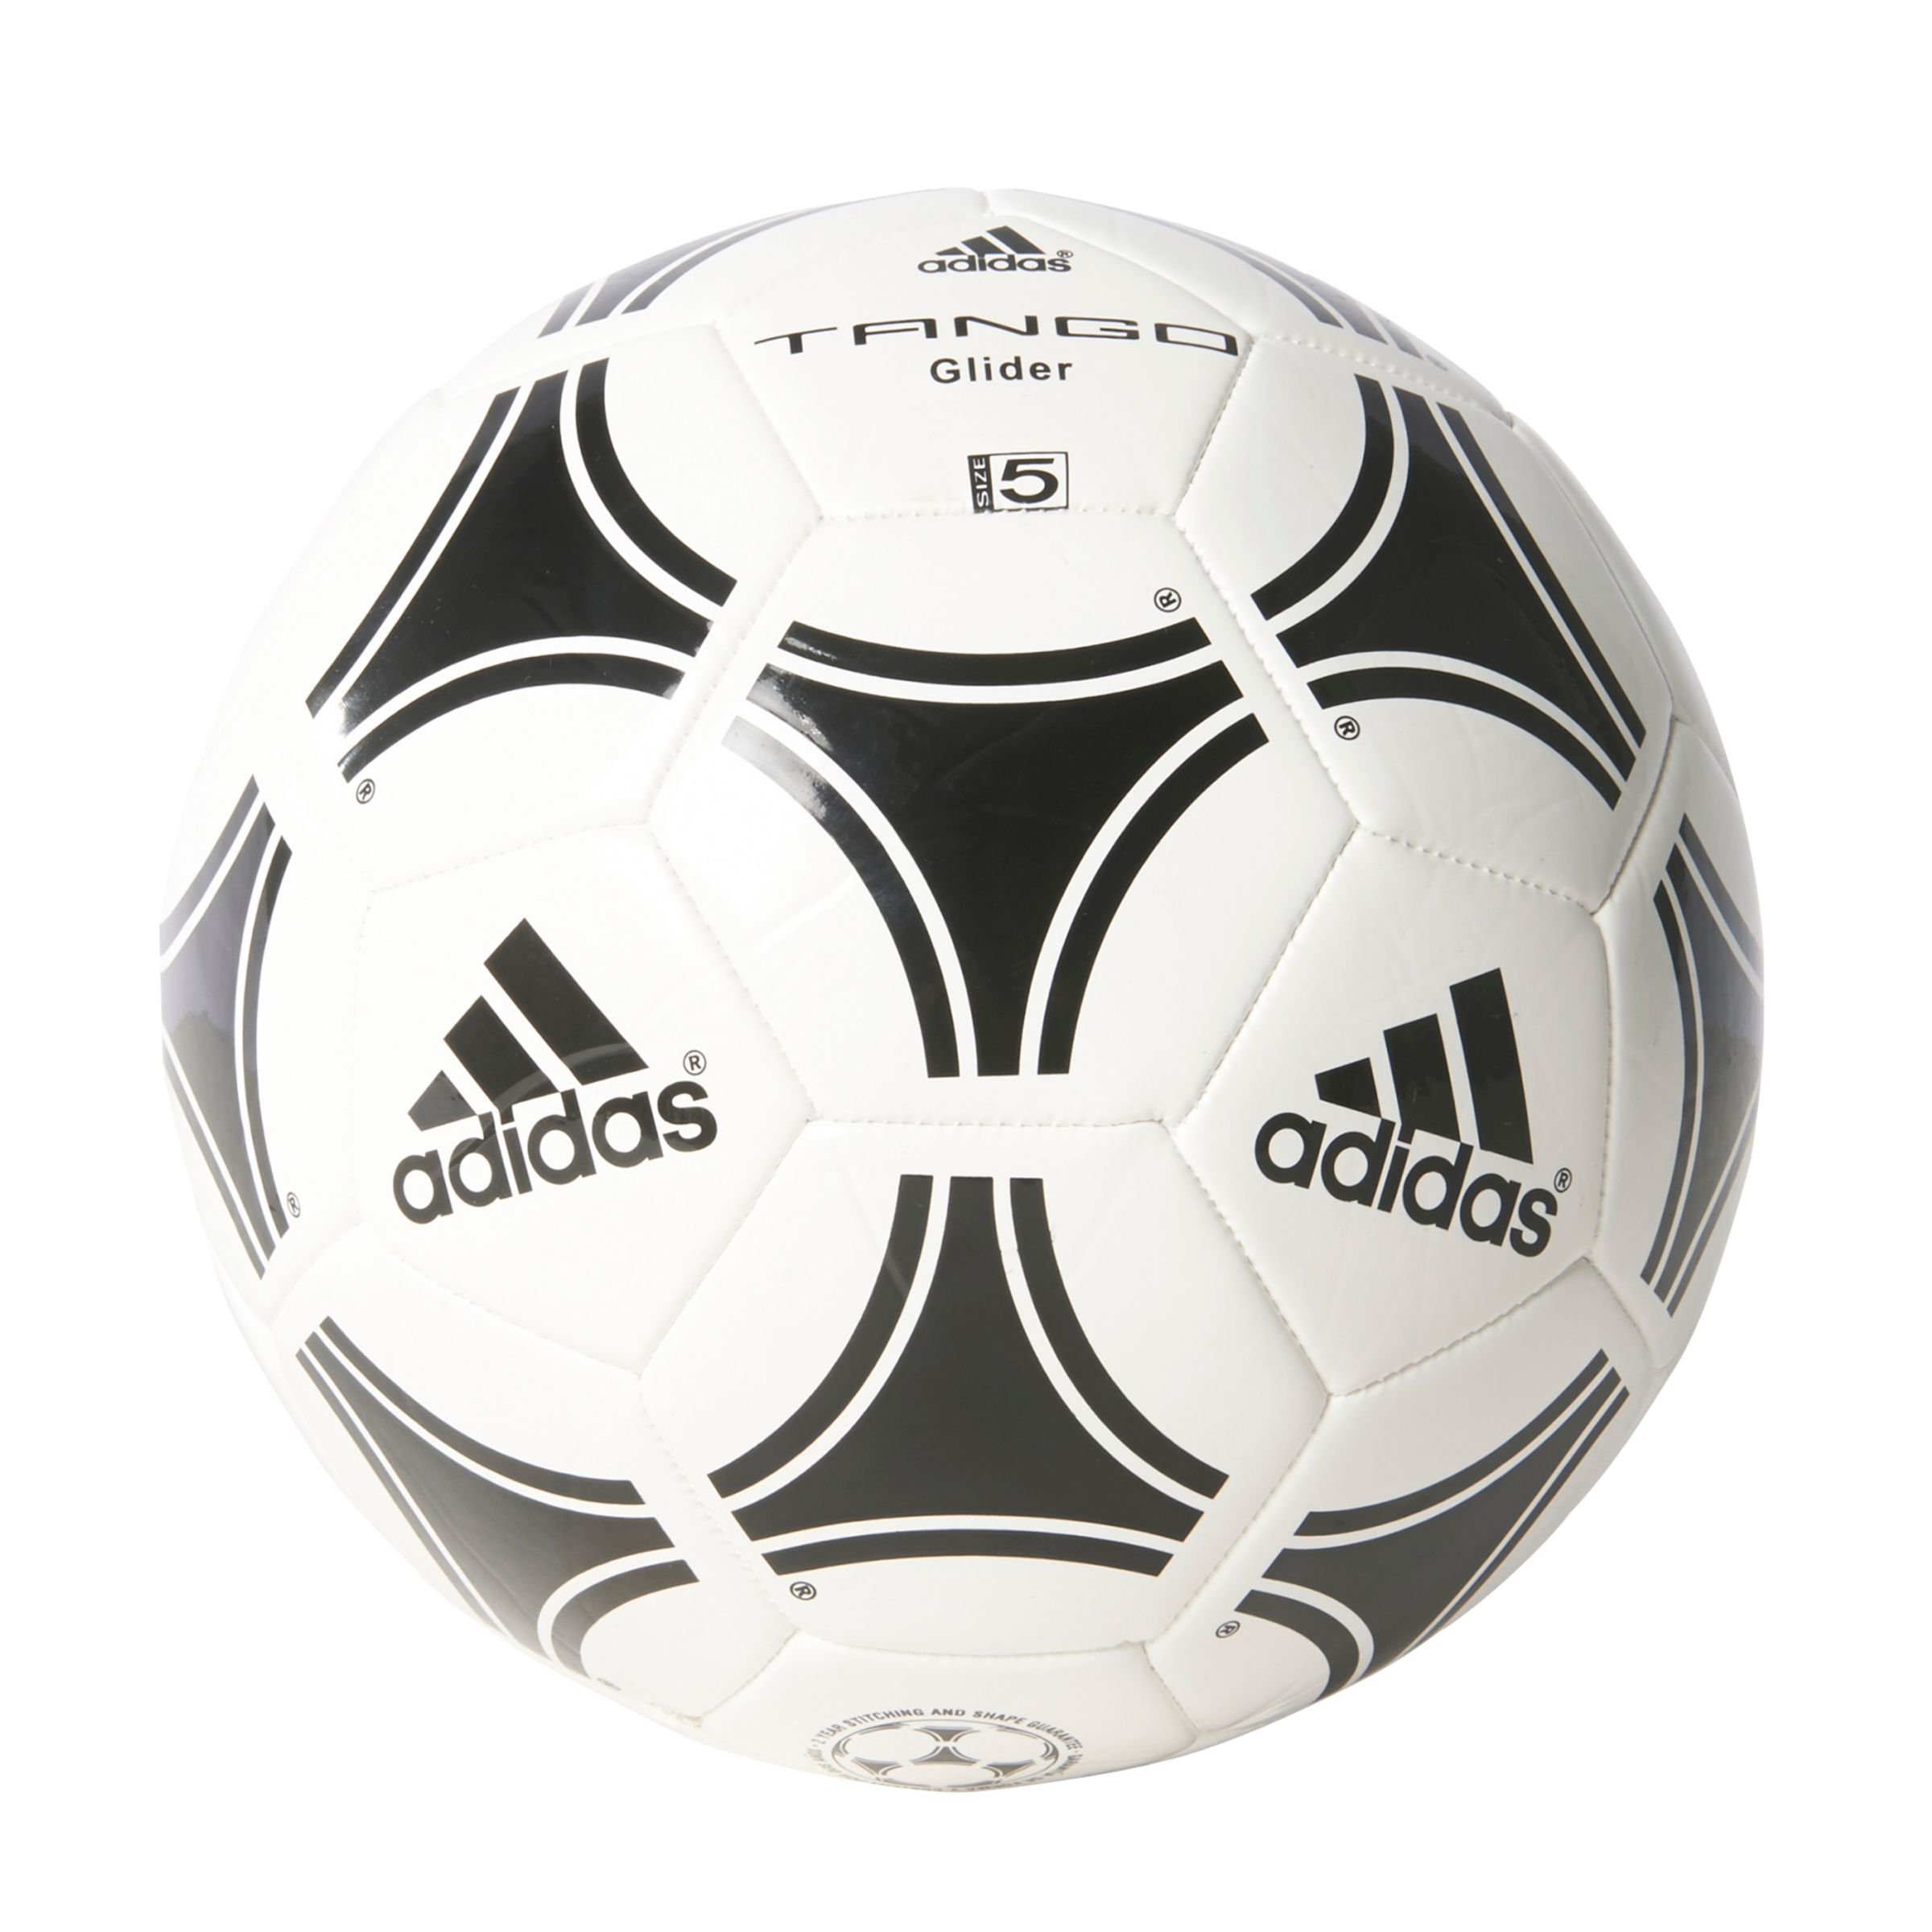 Adidas adidas Tango Glider Football, Size 5, White/Black